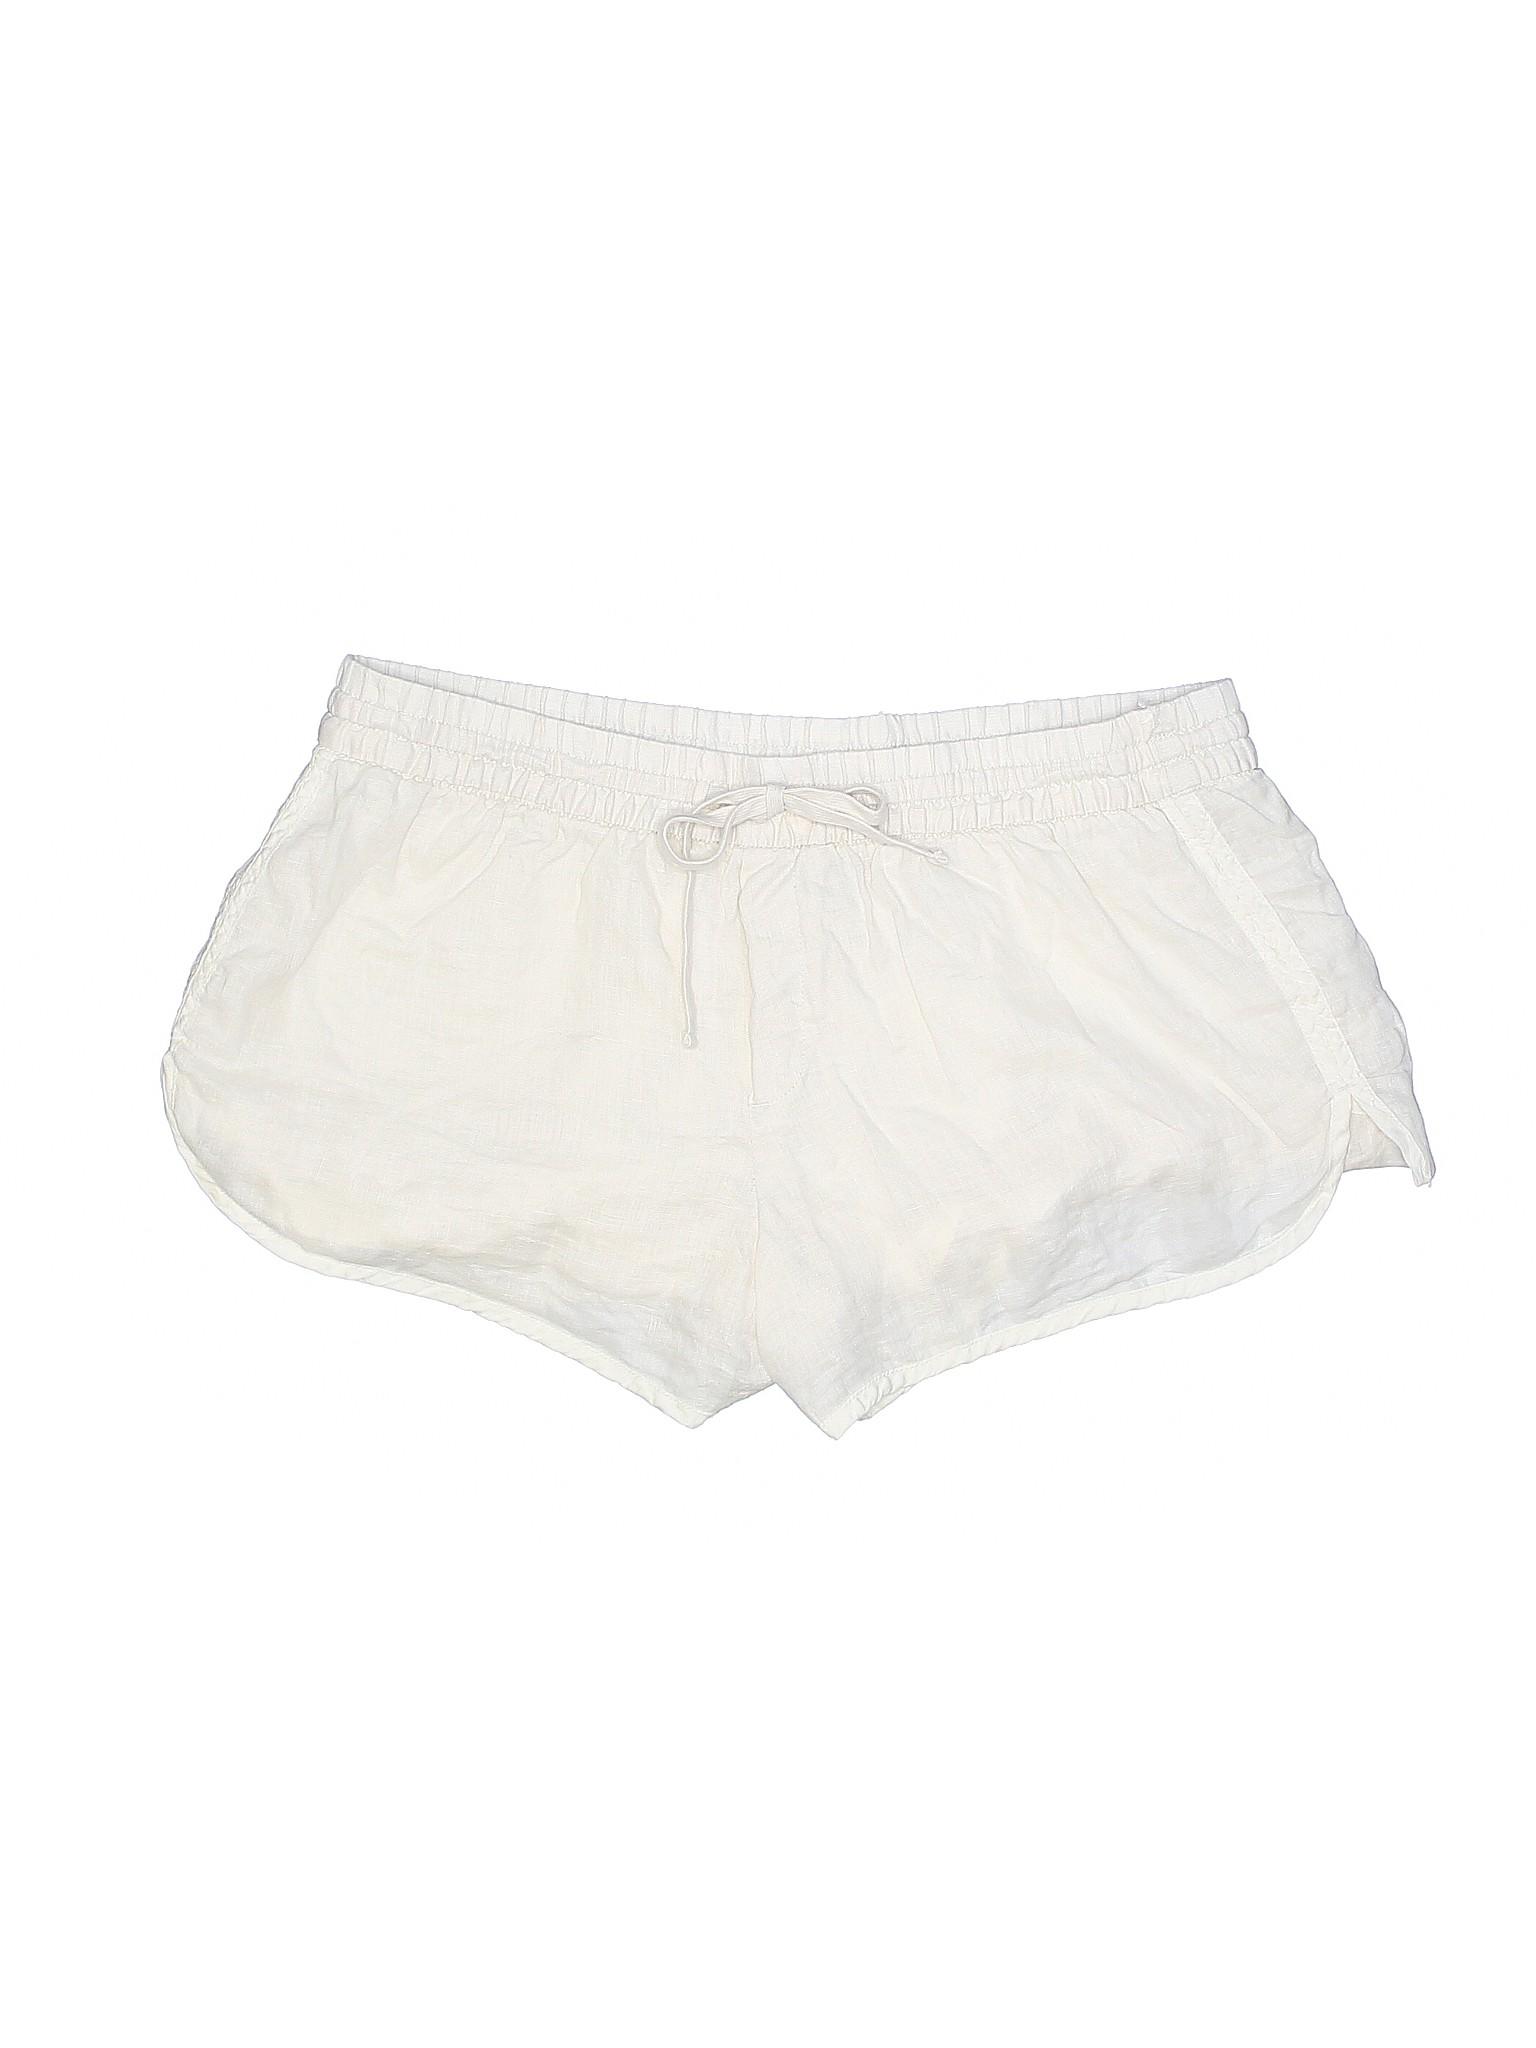 Boutique Boutique Gap Shorts Shorts Boutique Shorts Shorts Boutique Shorts Gap Gap Boutique Gap Gap Boutique TCB7wq4